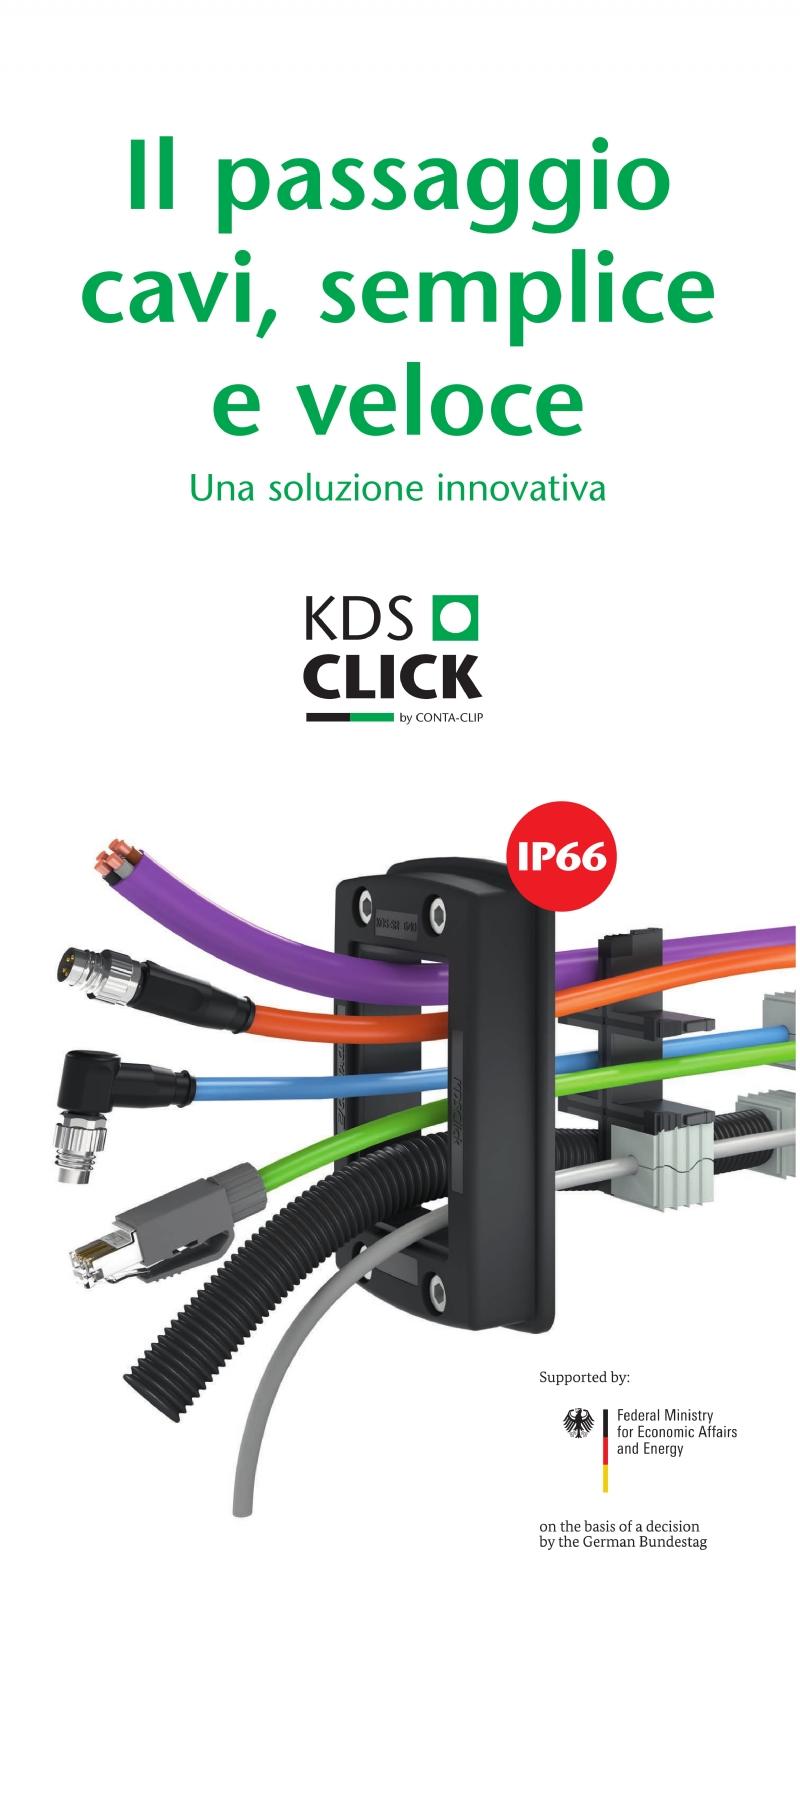 KDS CLICK